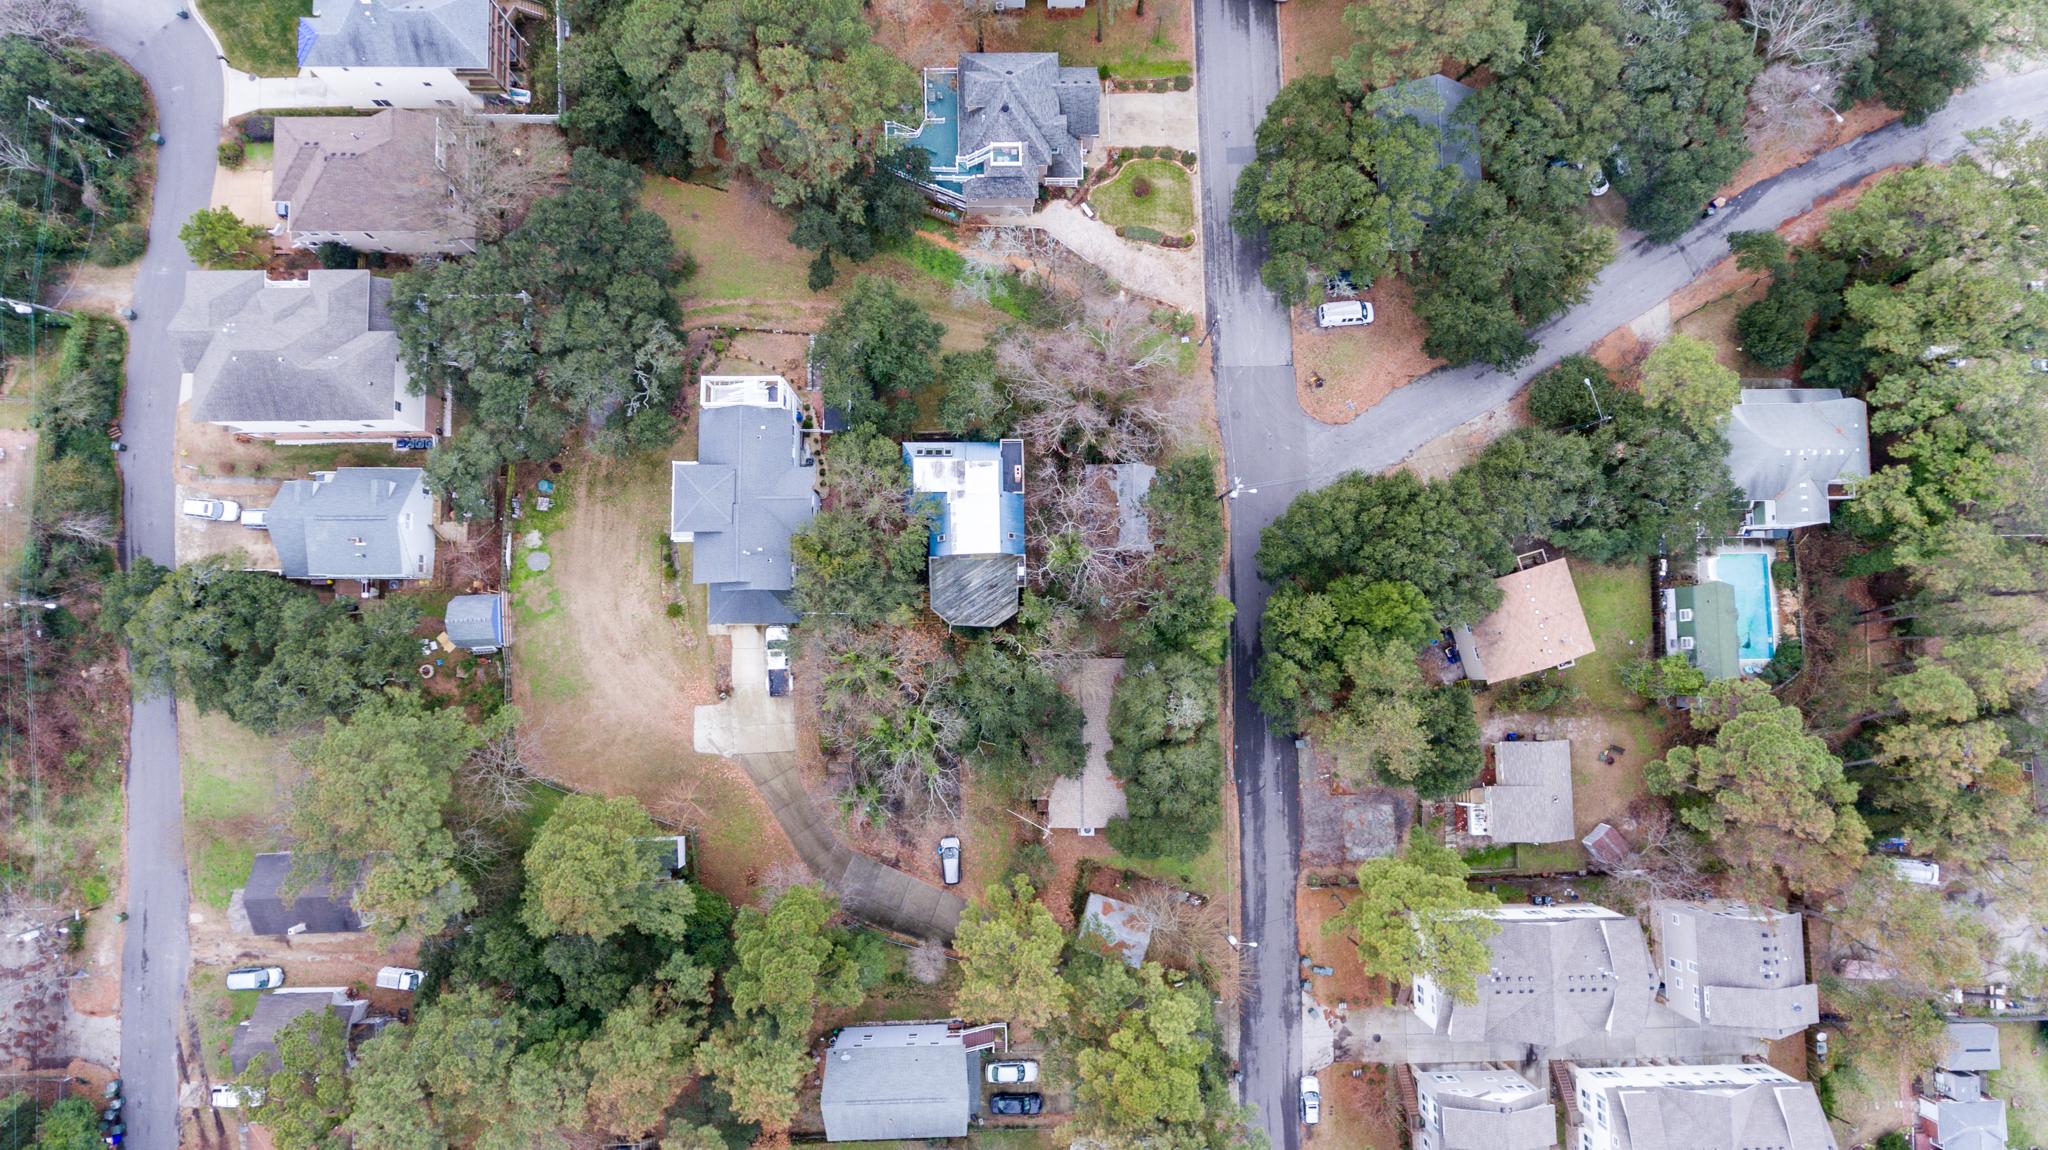 Virginia Beach Aerial Drone Photo